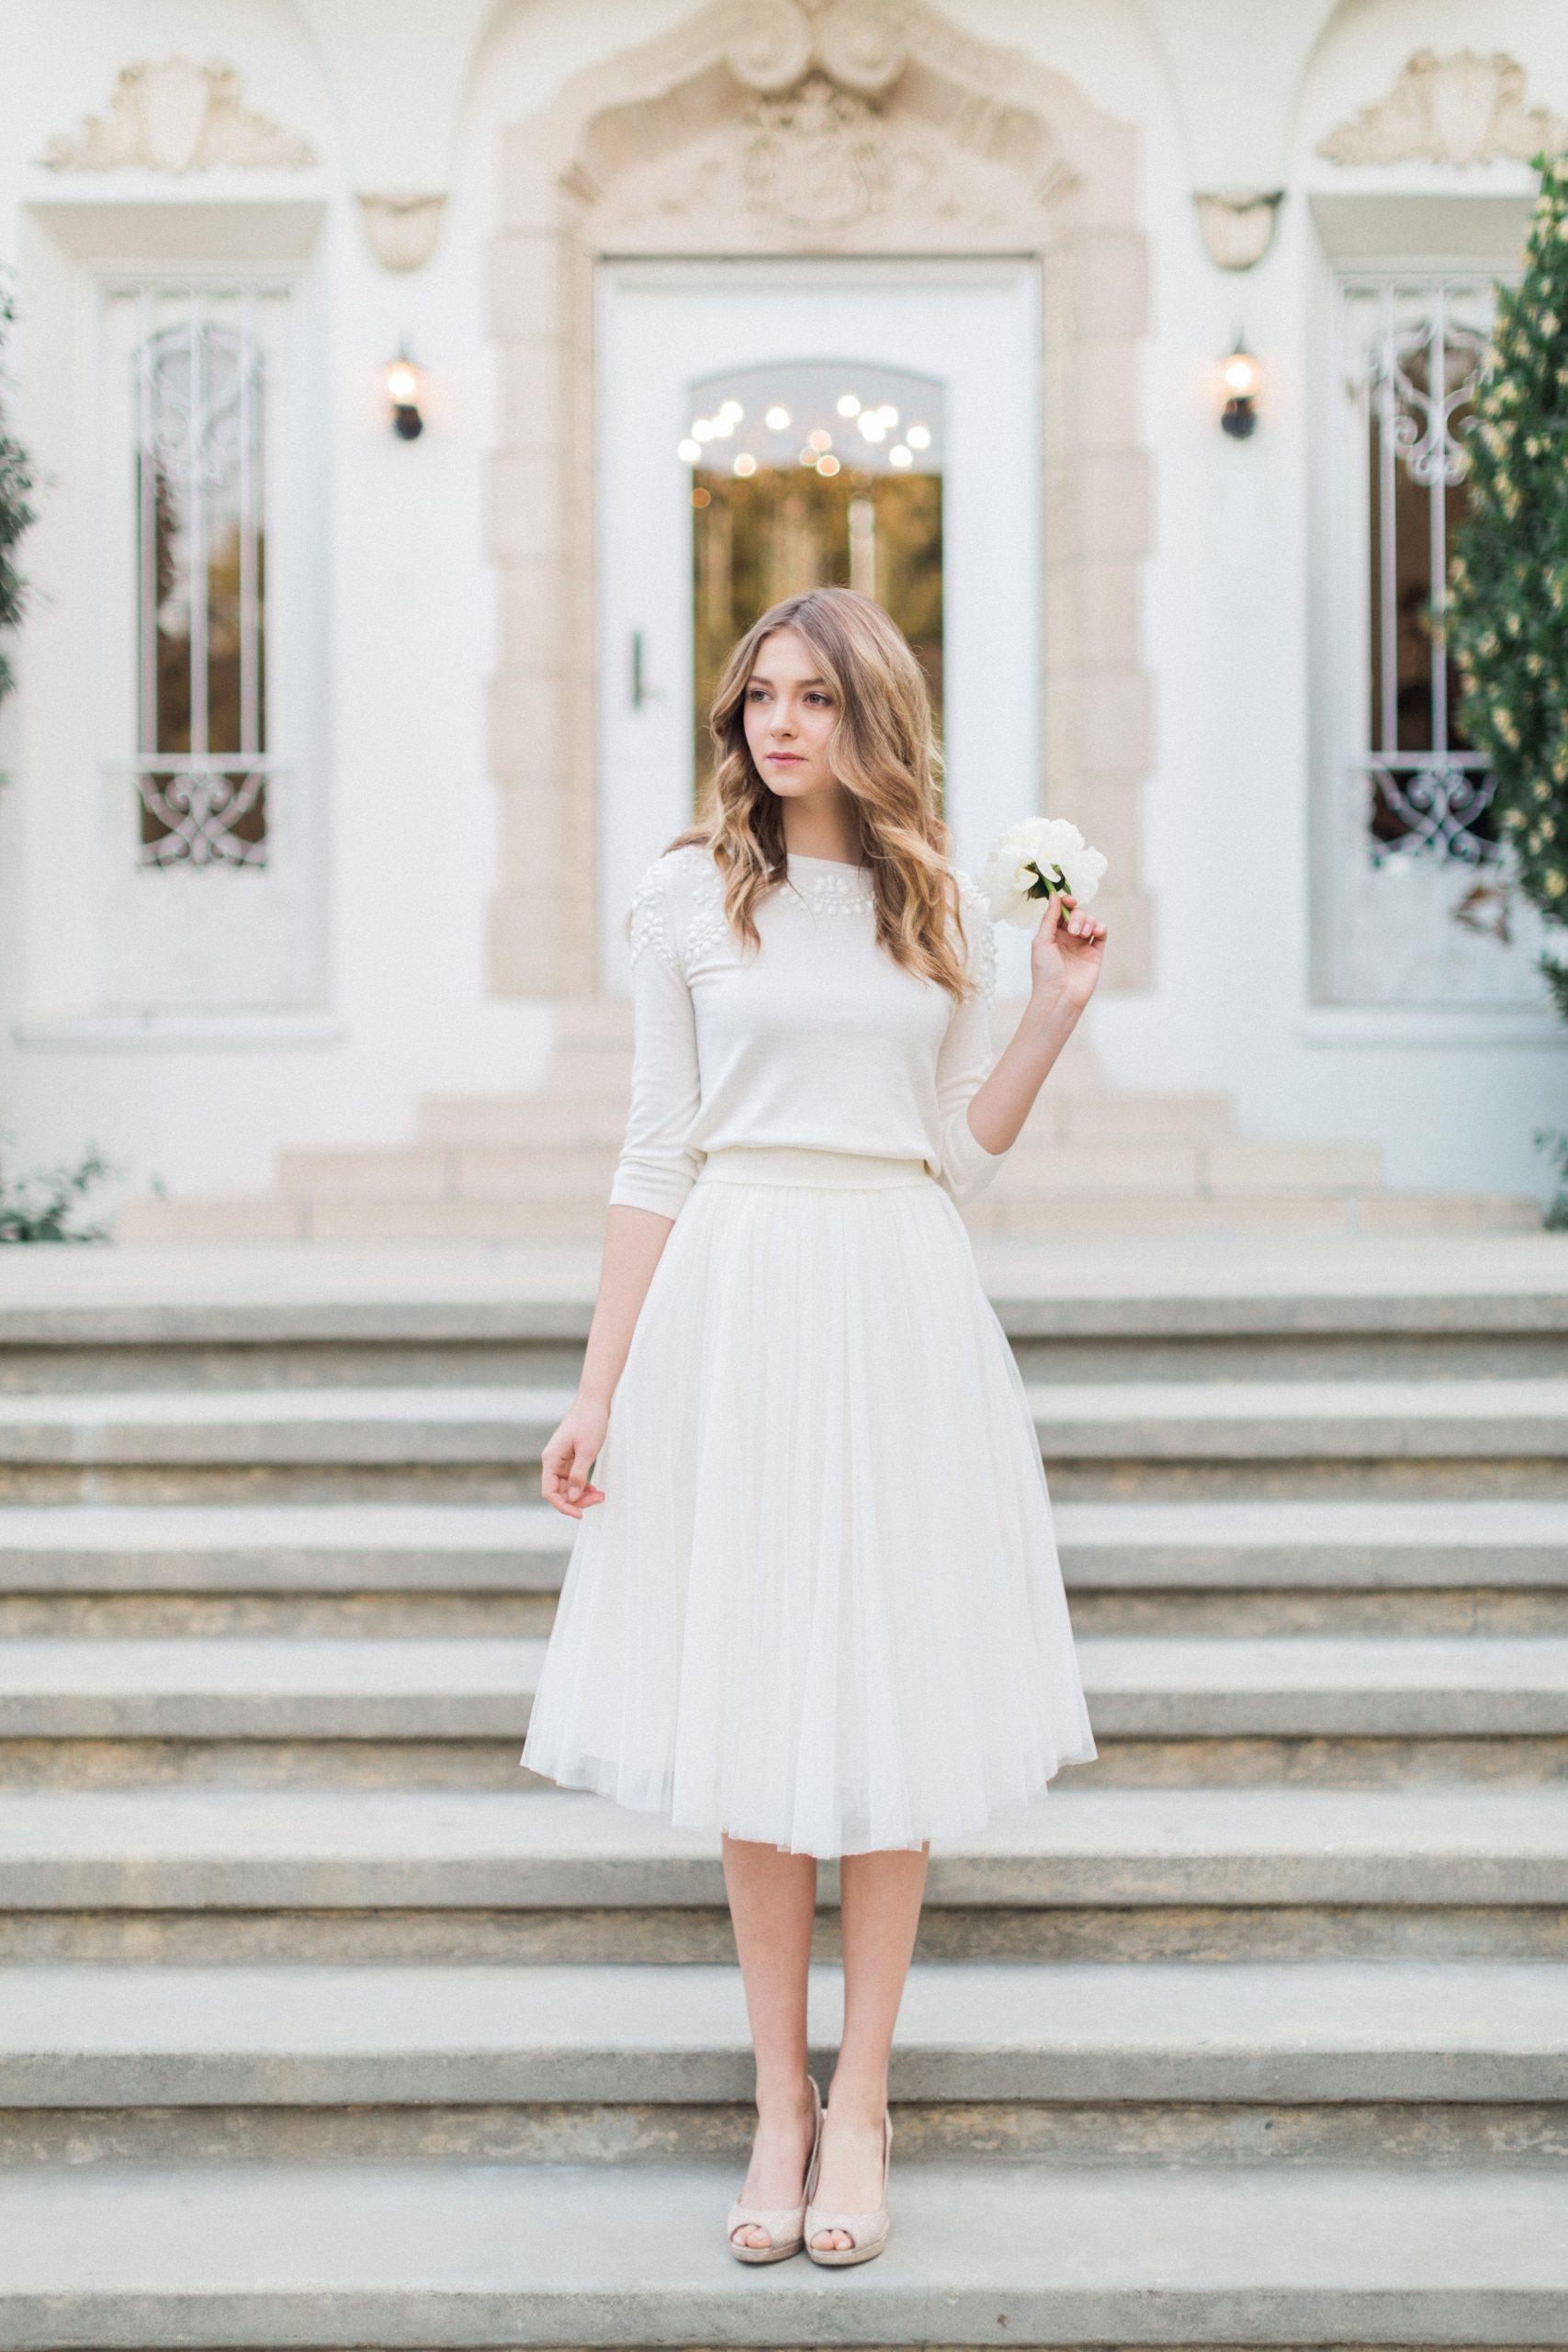 Standesamtliche Trauung, Standesamt, Hochzeit, Braut, Outfit